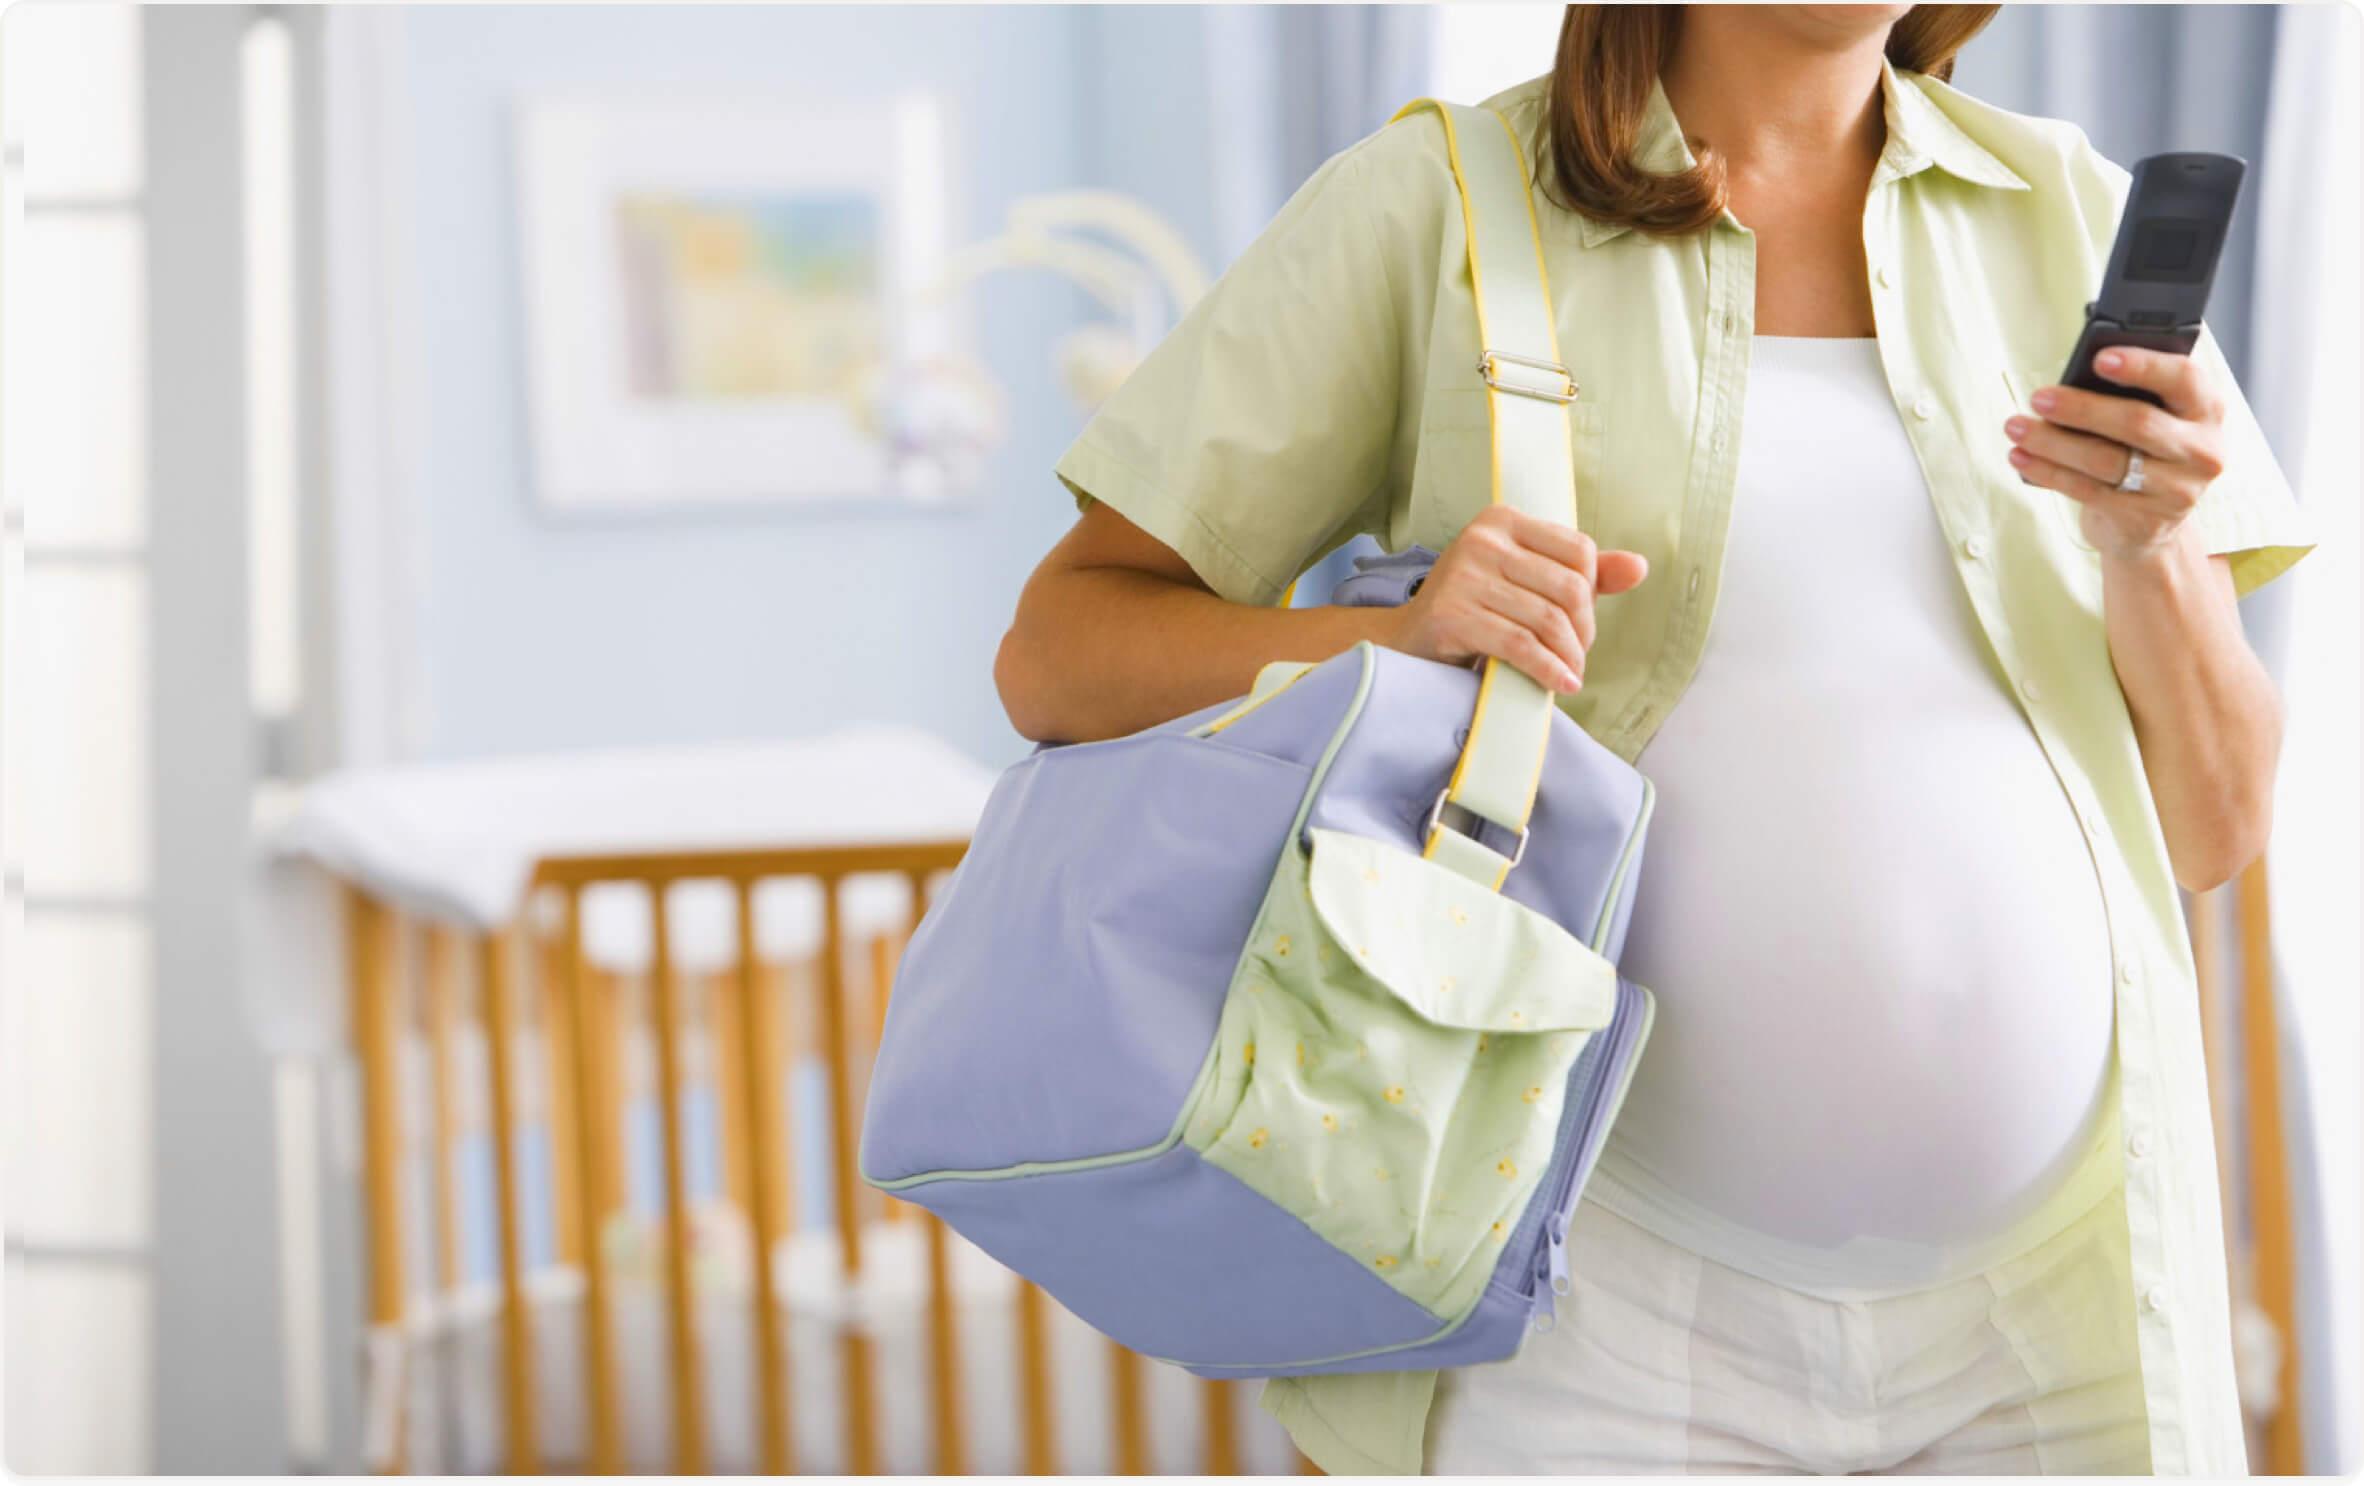 e2ec1f39bc2b Собрать сумку в роддом в один клик | Вещи в роддом СПБ